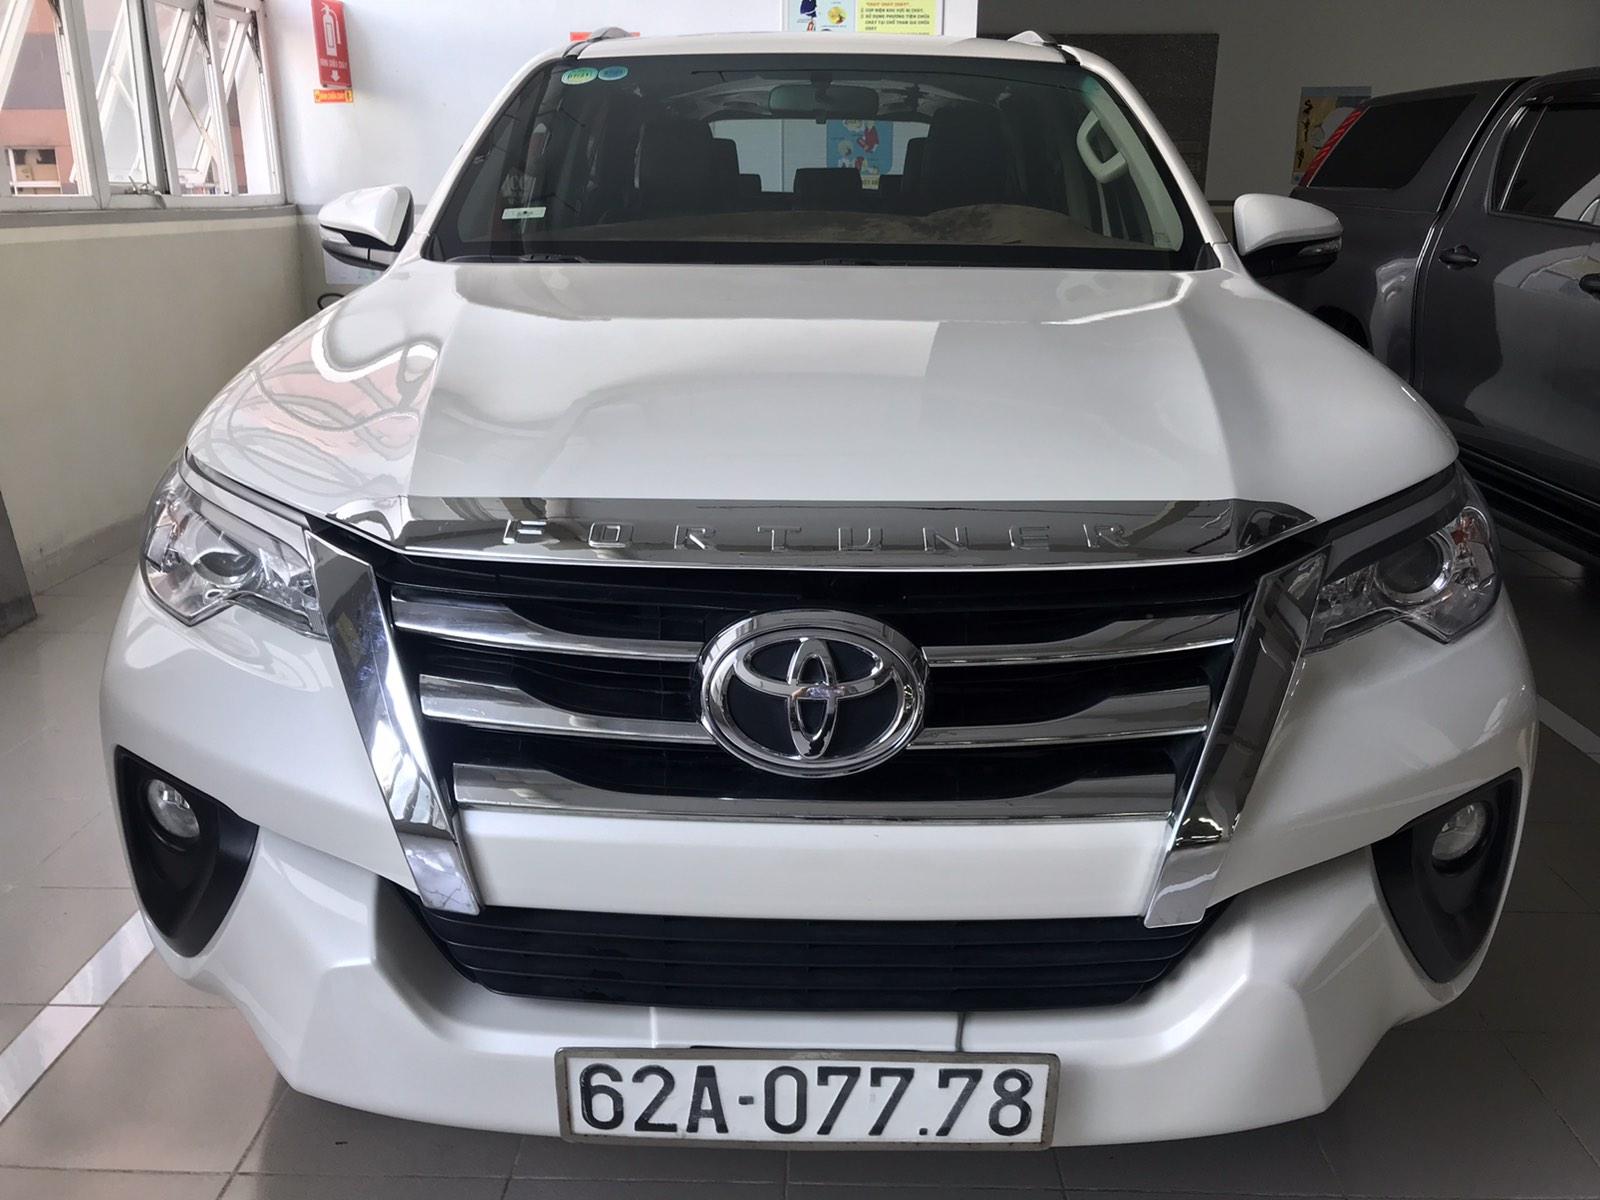 Fortuner máy dầu màu trắng số sàn 2017, odo 40.000km xe đẹp đồ chơi kịch Trần, Bh vật chất xe..